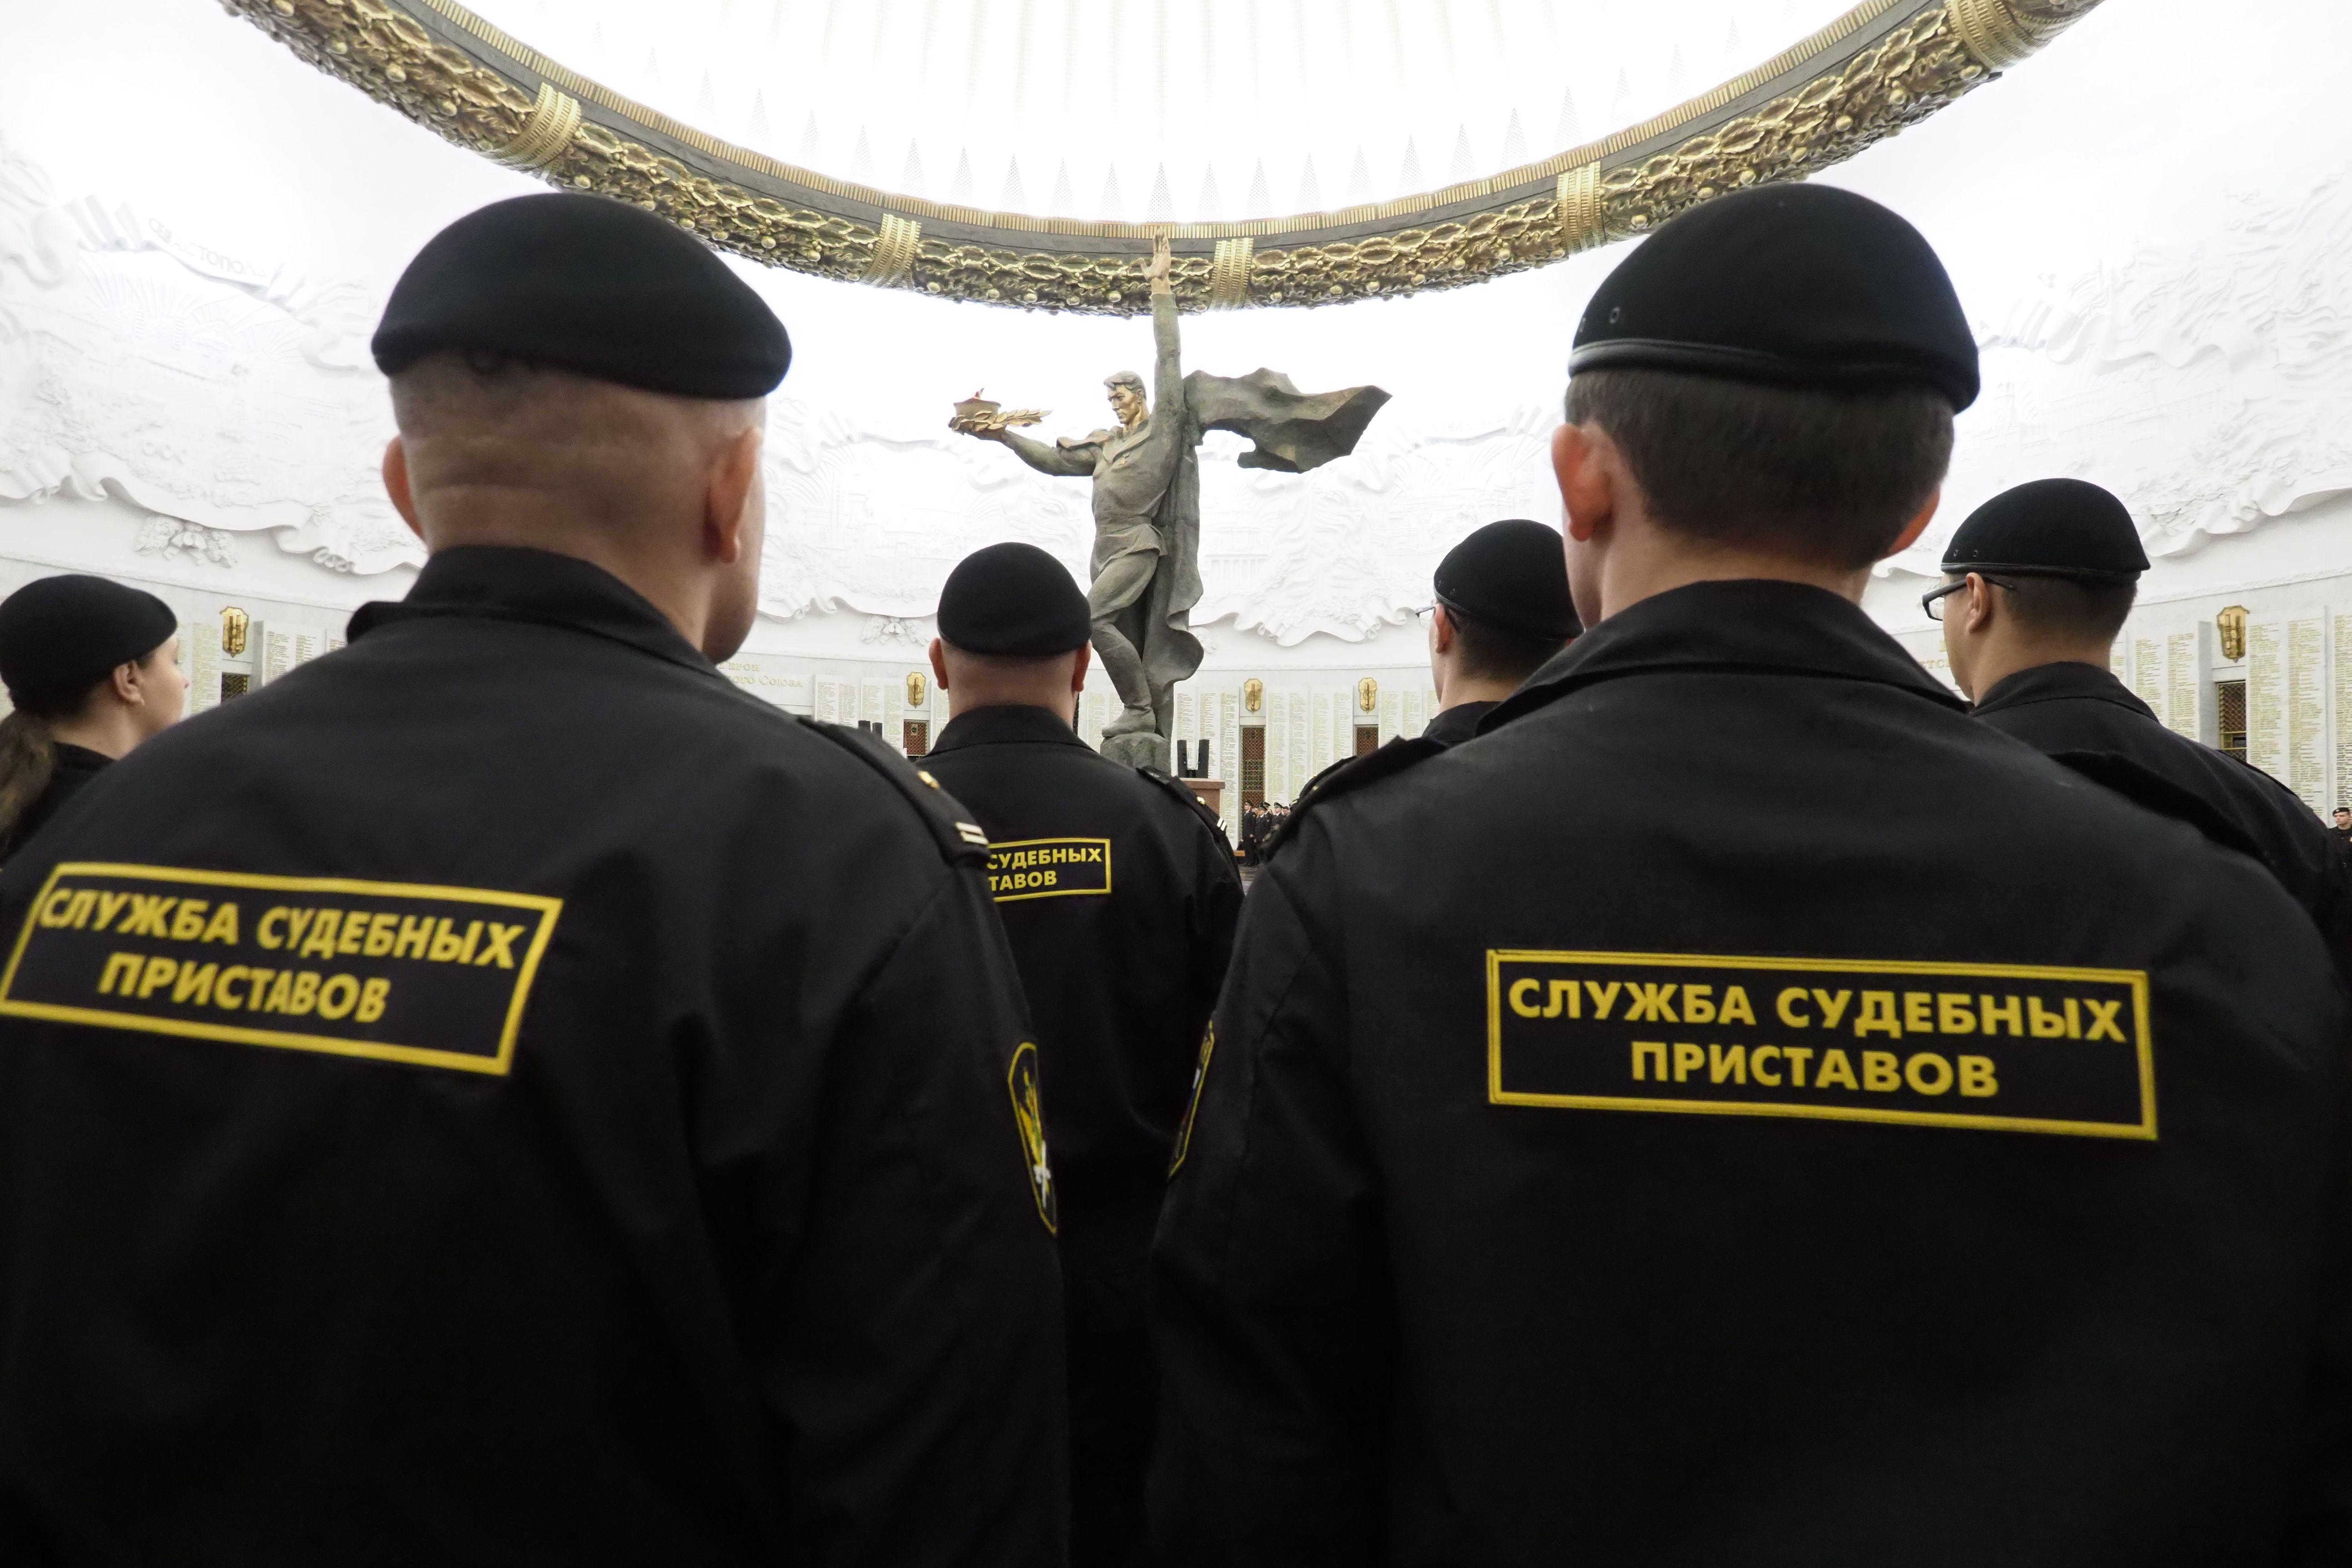 В УФССП России по Москве стартовала информационная акция  «Судебные приставы – детям»